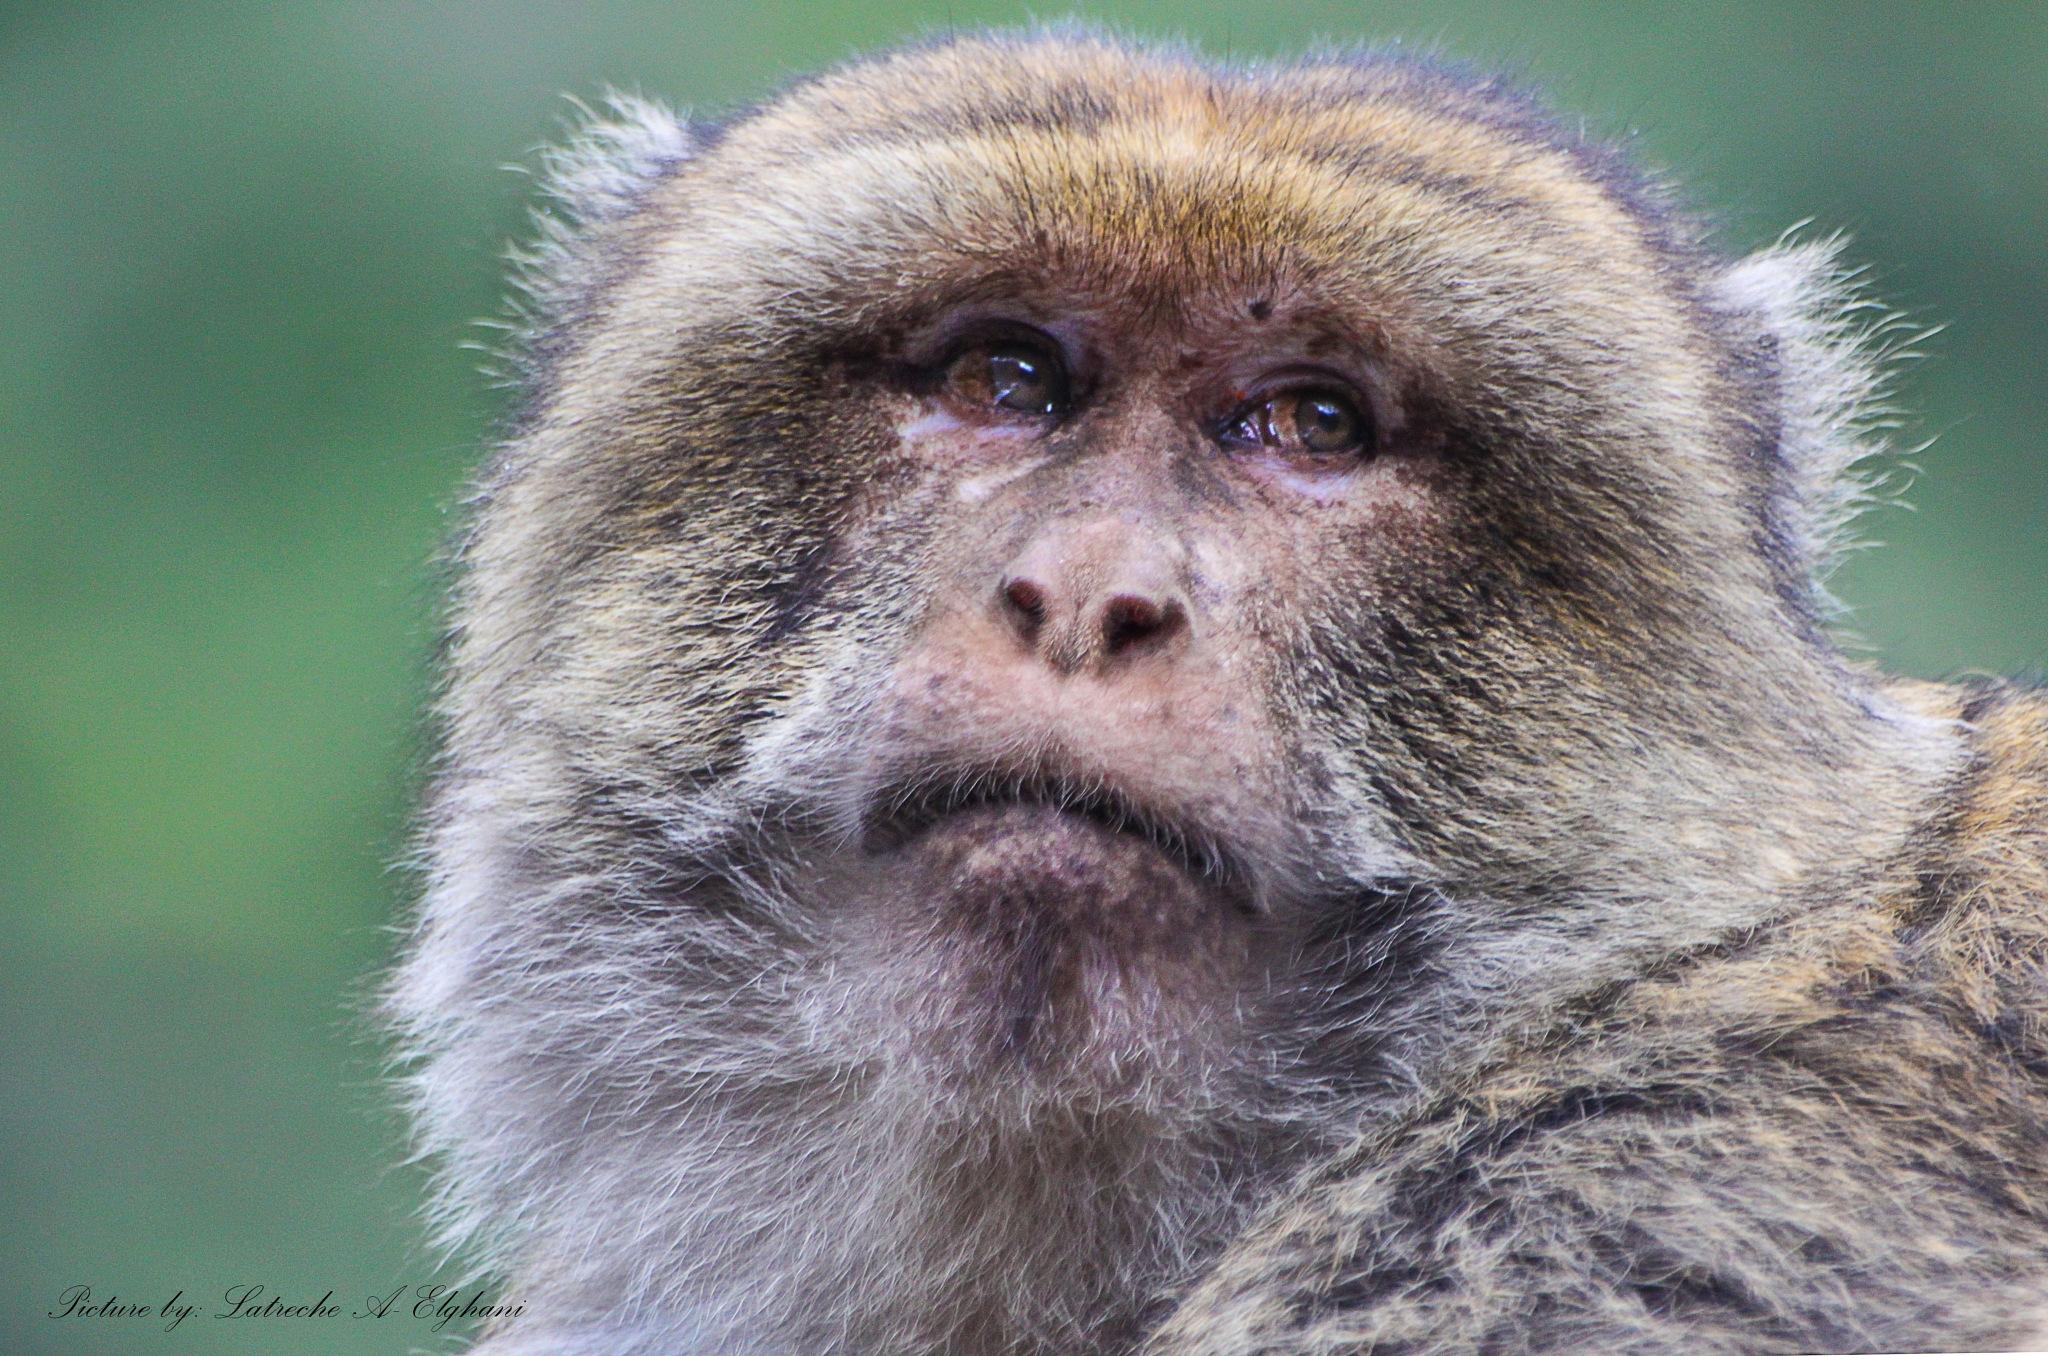 Monkey by latreche71